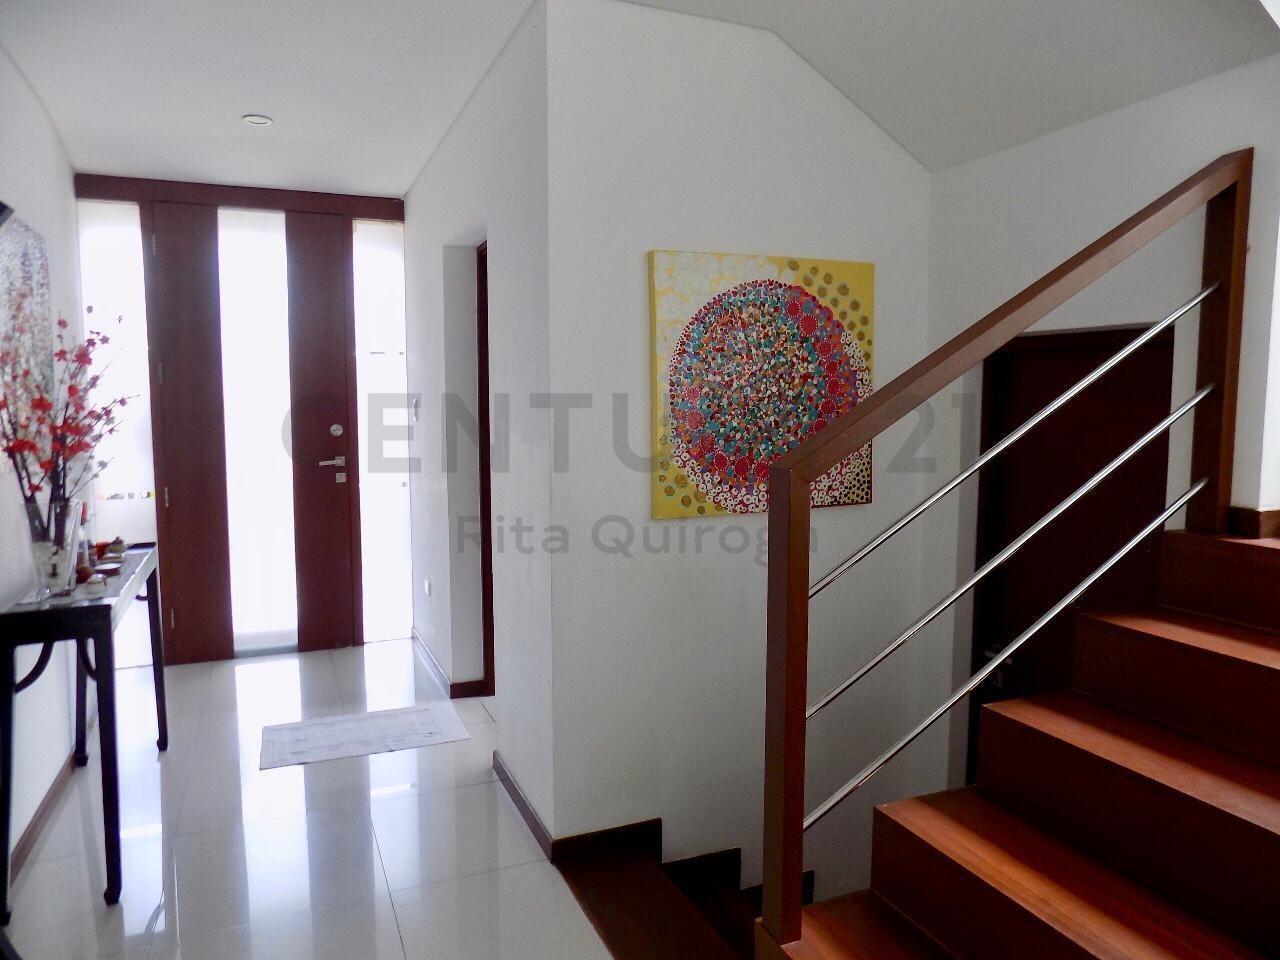 Casa en Alquiler CASA EN AQUILER CONDOMINIO COSTA LOS BATOS URUBO Foto 2